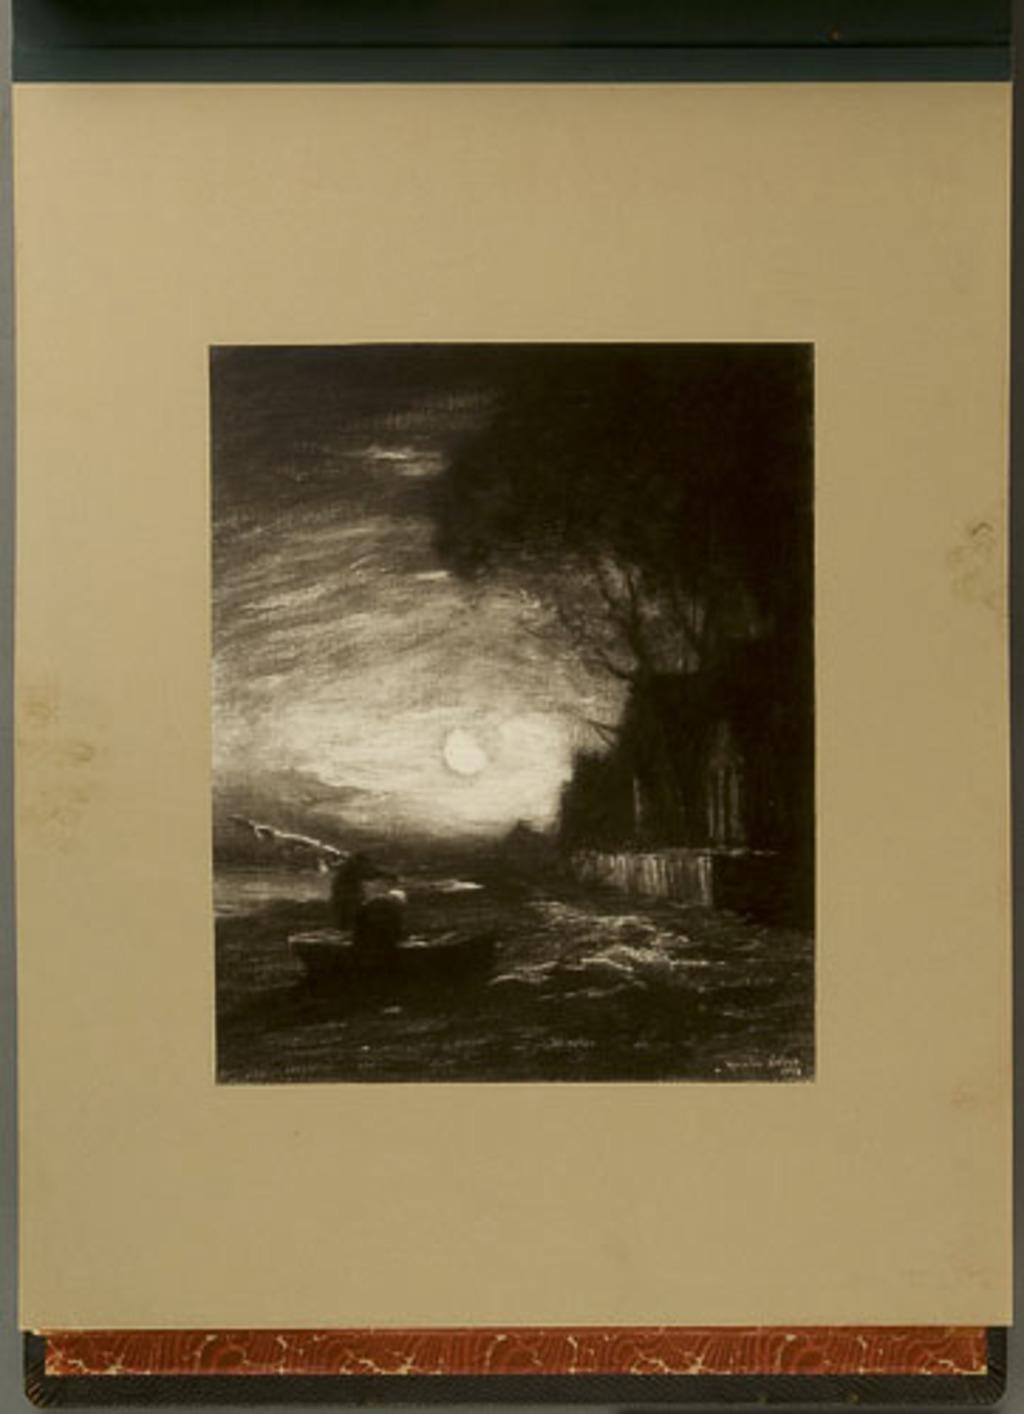 Moonlight, de l'album de reproductions de peintures d'Horatio Walker